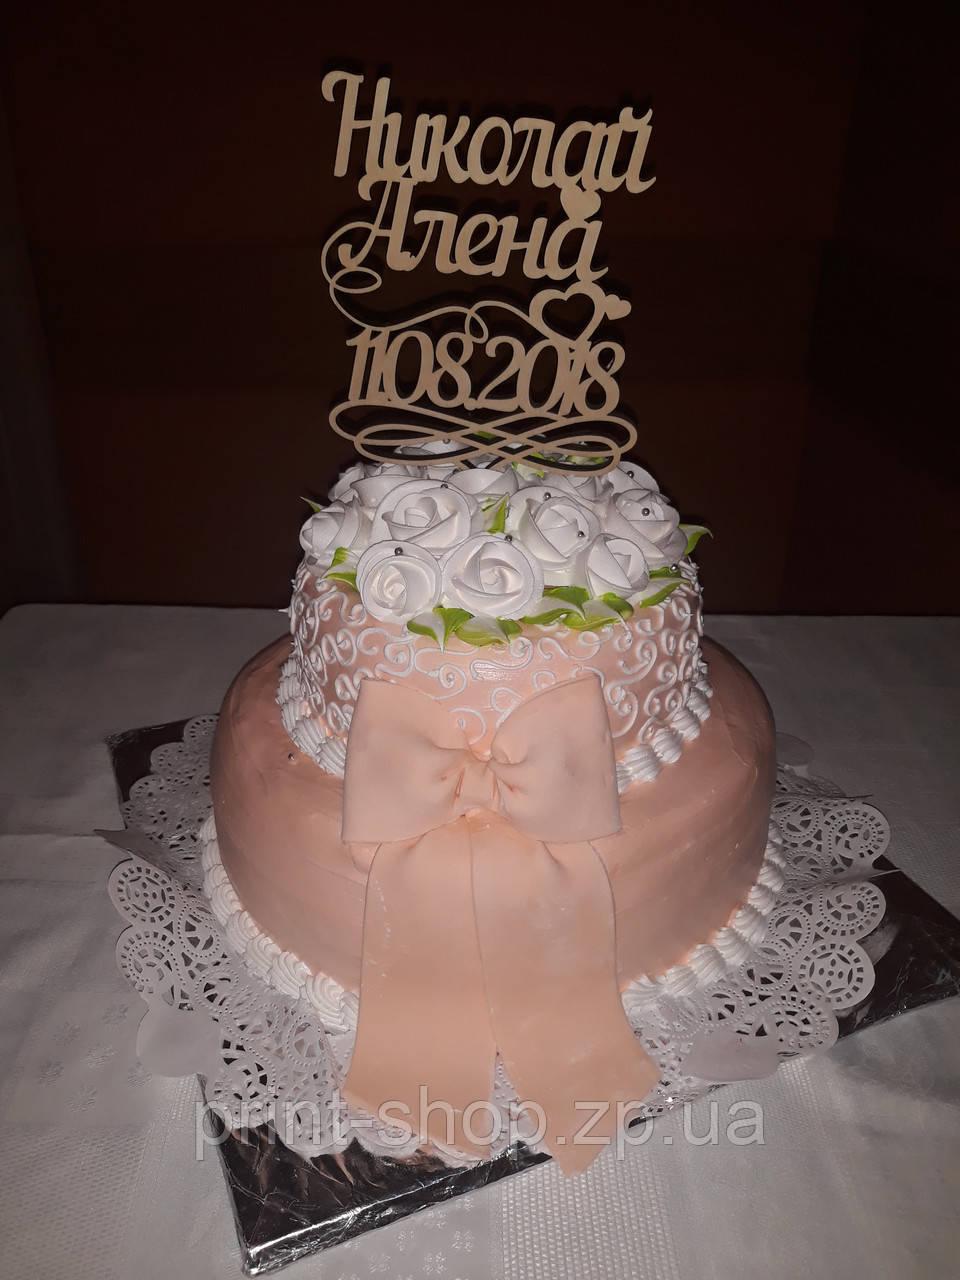 """Эксклюзивный топер в свадебный торт. Топпер для торта большой. Верхушка, статуэтка в торт. """""""